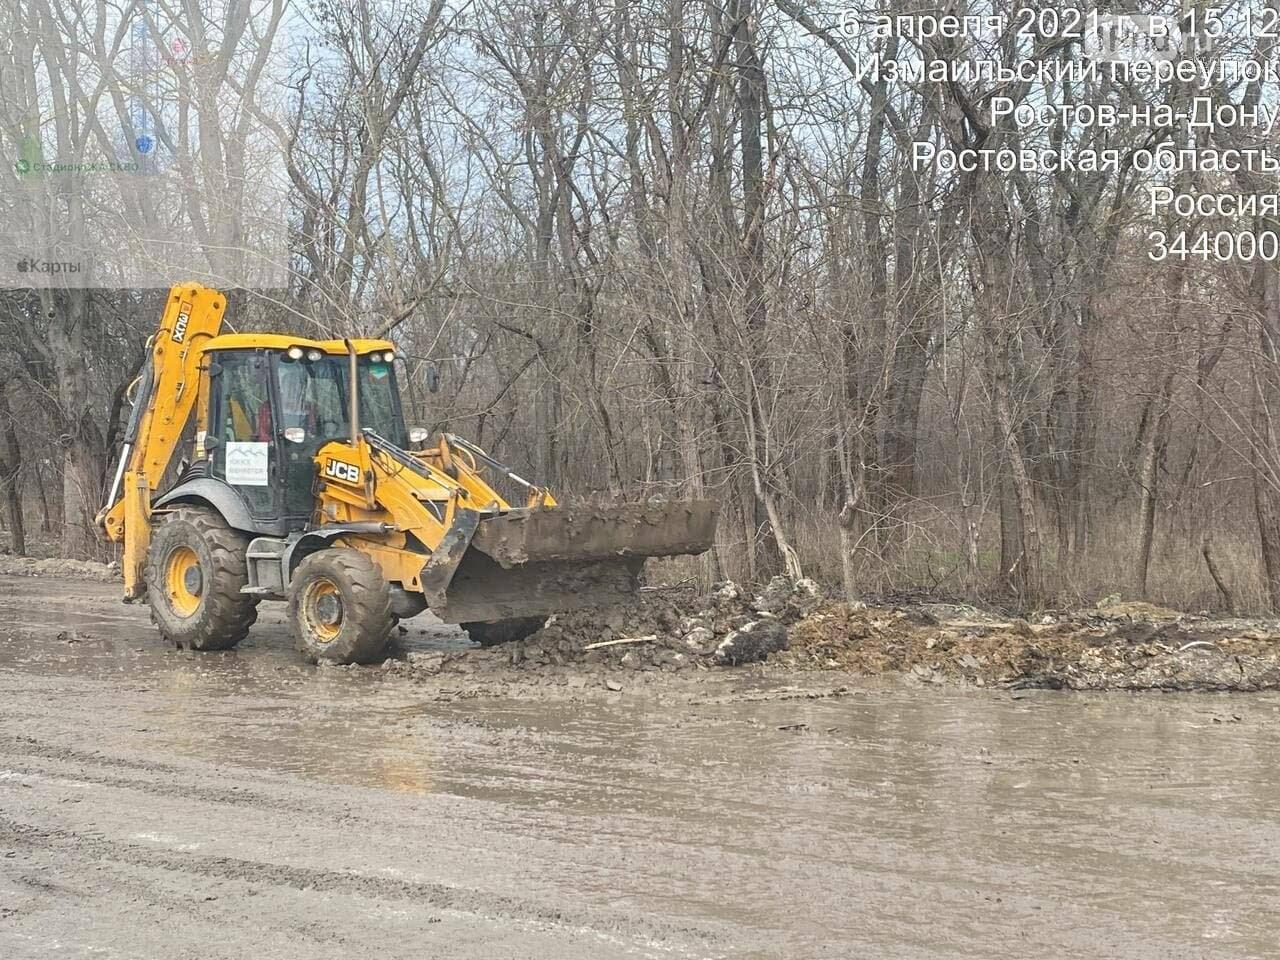 В Ростове убрали грязь, оставшуюся от растаявшего снега, Фото - ЦУР РО